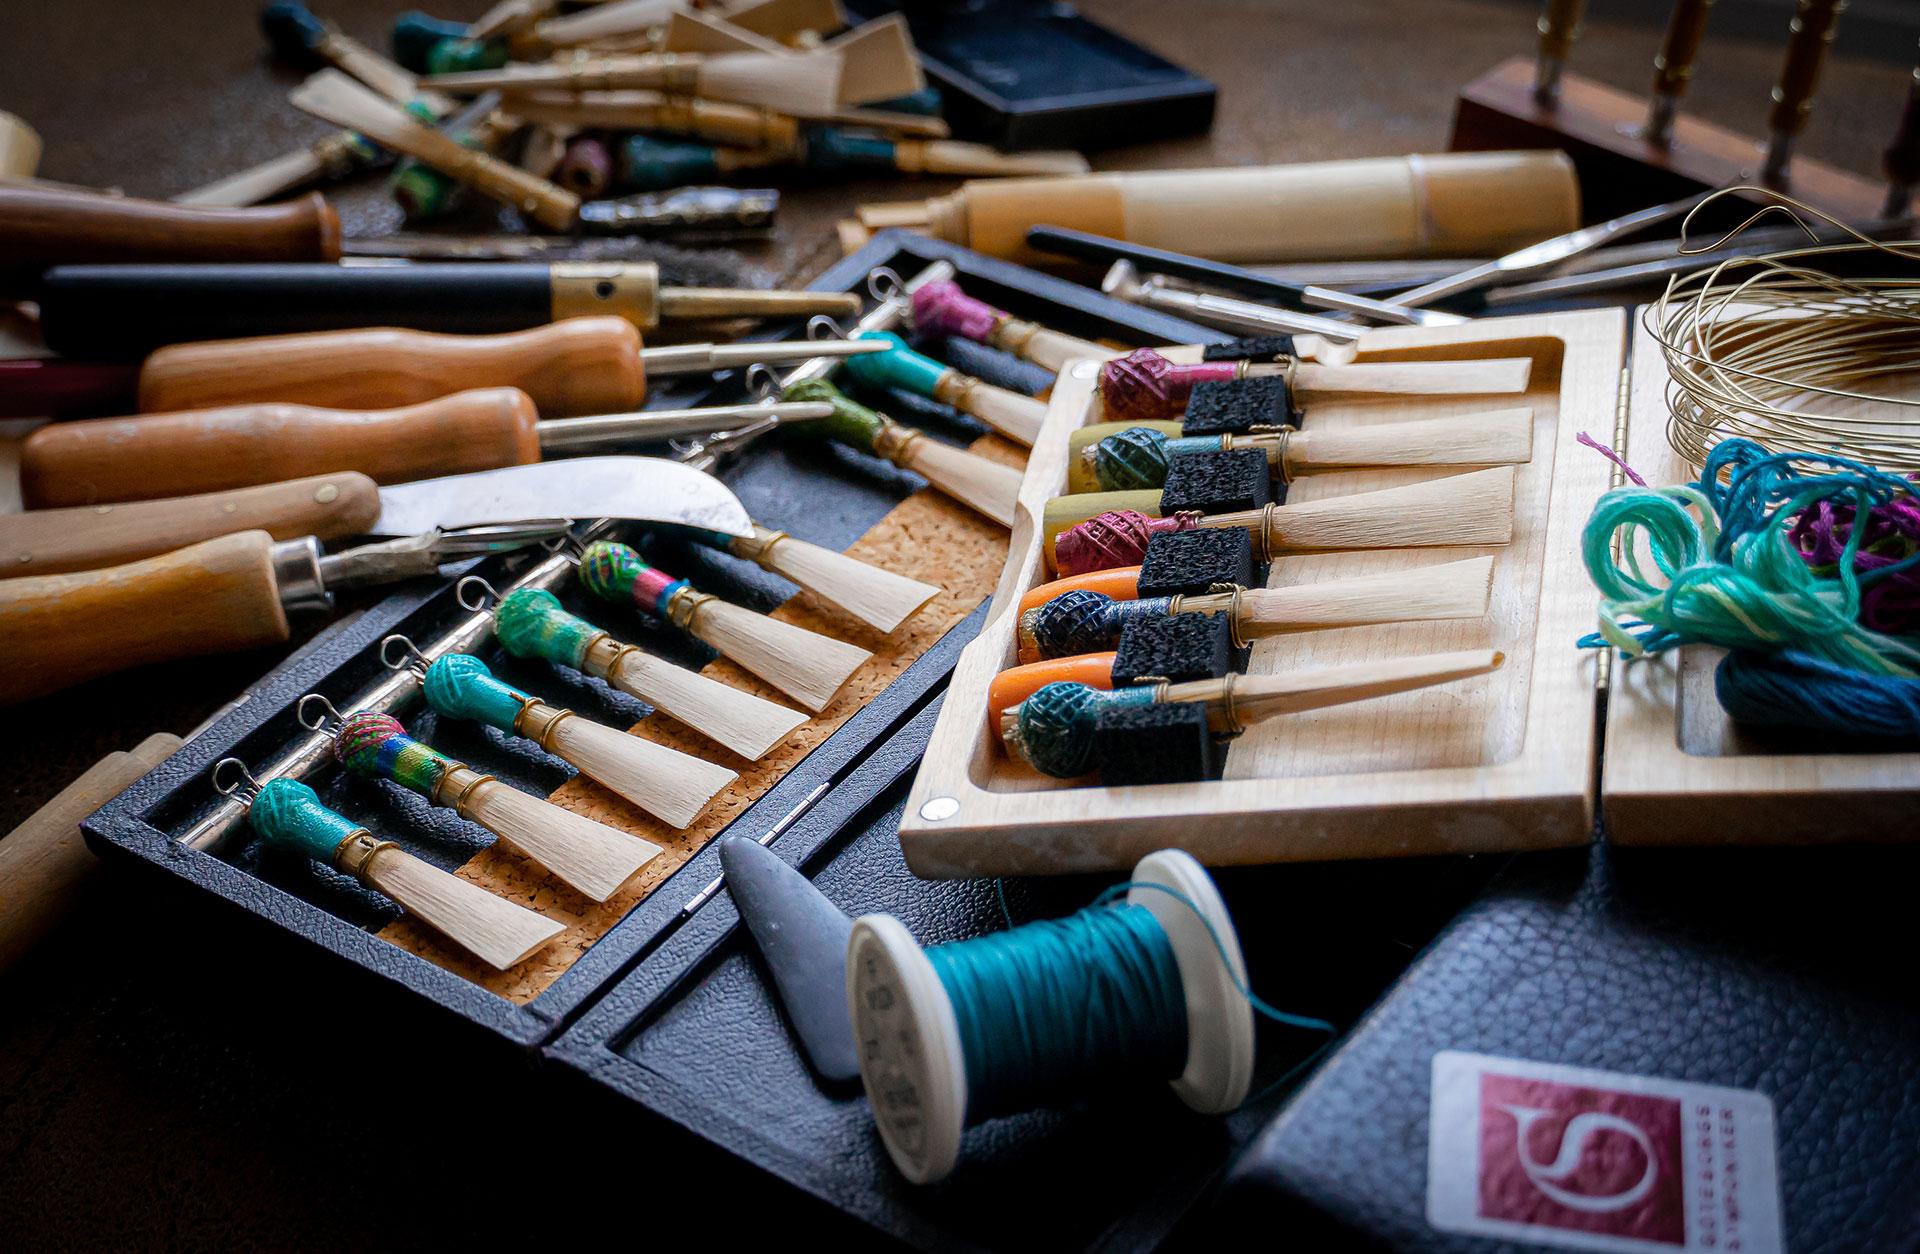 Askar med fagottrör och verktyg ligger på ett bord.